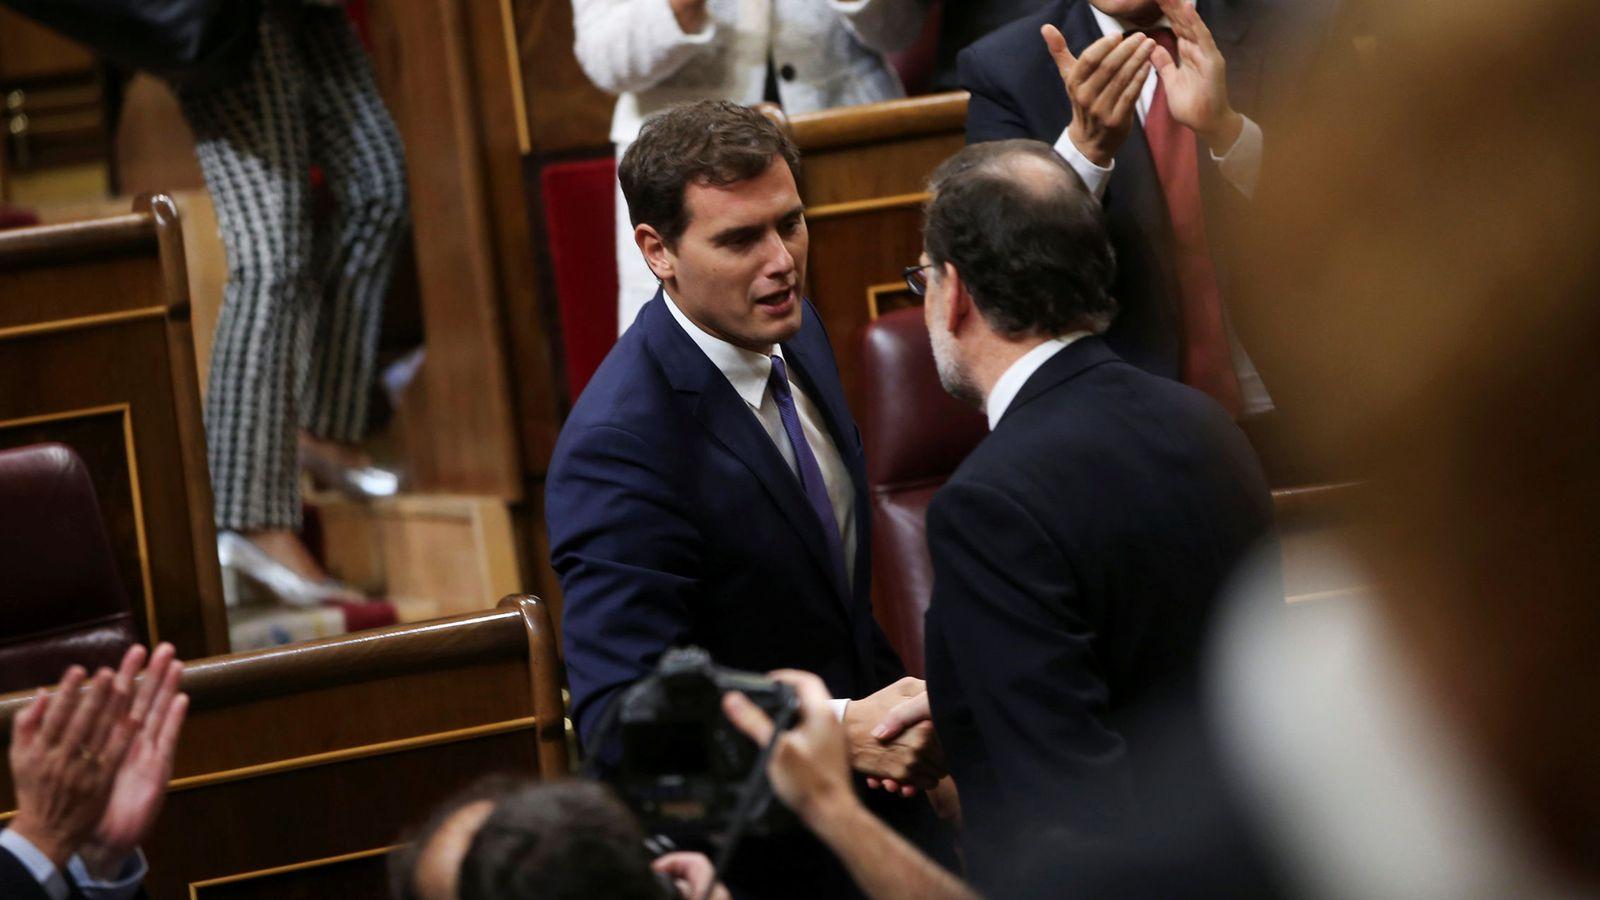 Foto: Albert Rivera felicita a Mariano Rajoy tras su reelección como presidente del Gobierno, el 29 de octubre de 2016 en el Congreso. (Reuters)